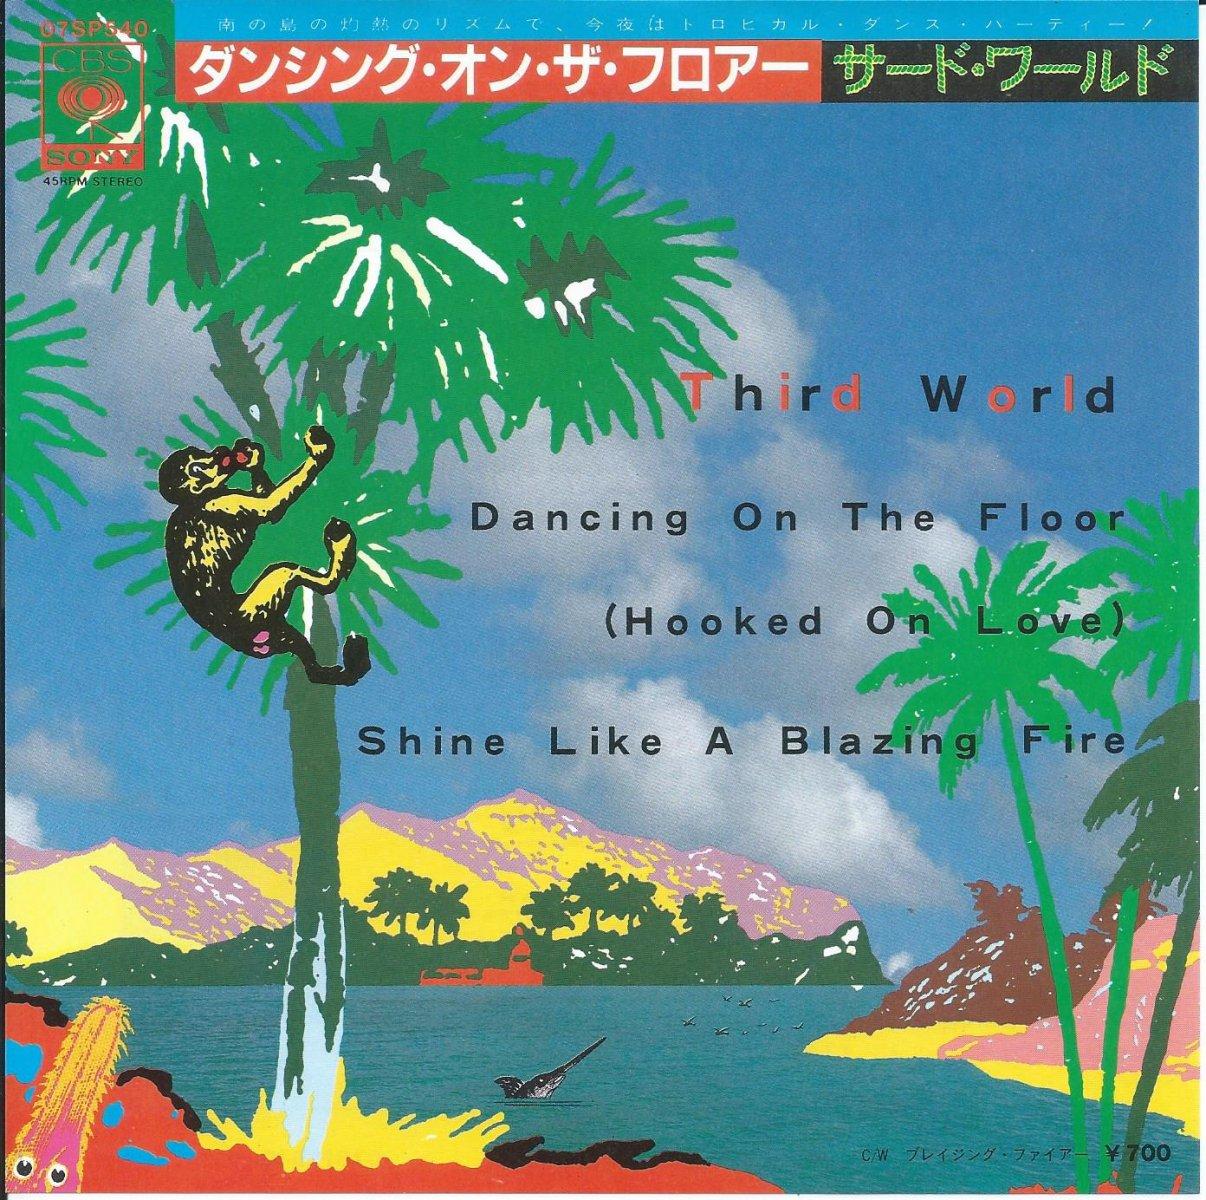 サード・ワールド THIRD WORLD / ダンシング・オン・ザ・フロアー DANCING ON THE FLOOR (HOOKED ON LOVE) (7